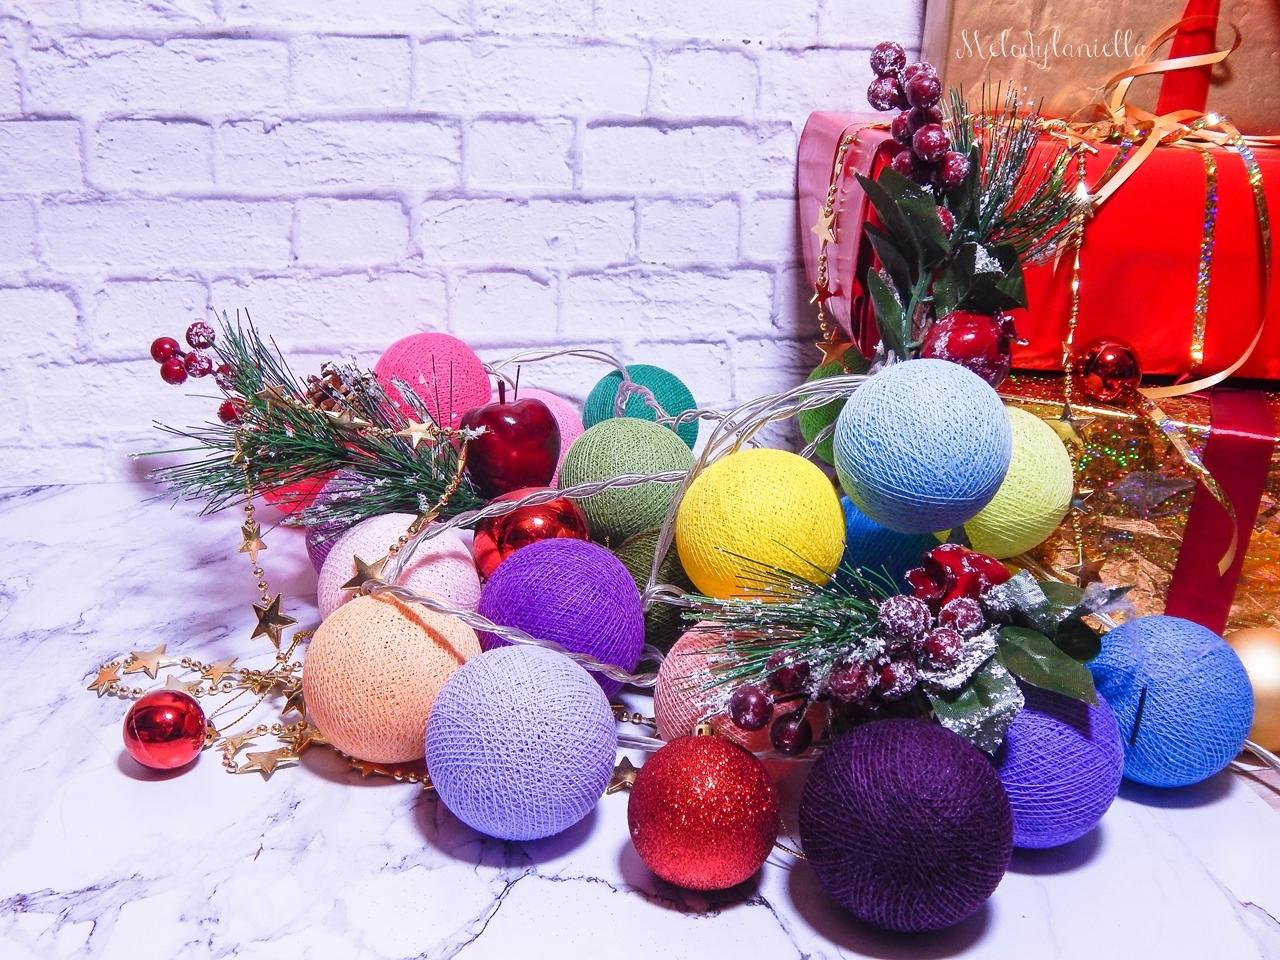 9 nietypowe prezenty z okazji świąt co kupić dzieciom pod choinkę na mikołaja kolorowe lampki dekoracja domu na święta cotton ball lights melodylaniella blogerka podpowiada co kupić na święta